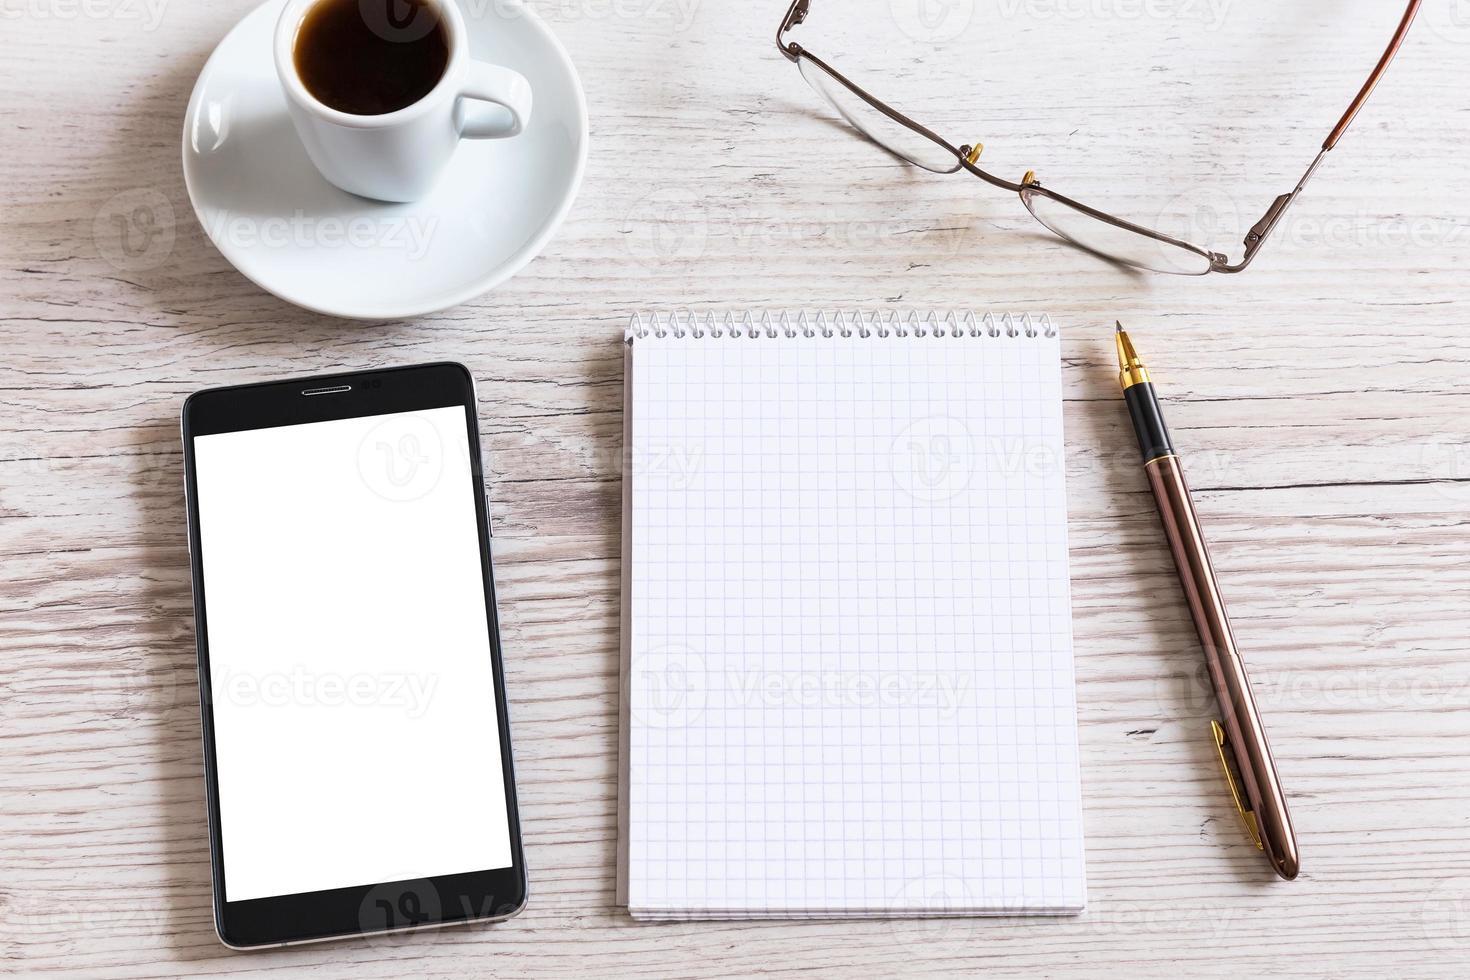 Notizbuch mit Stift, Smartphone und Kaffeetasse foto